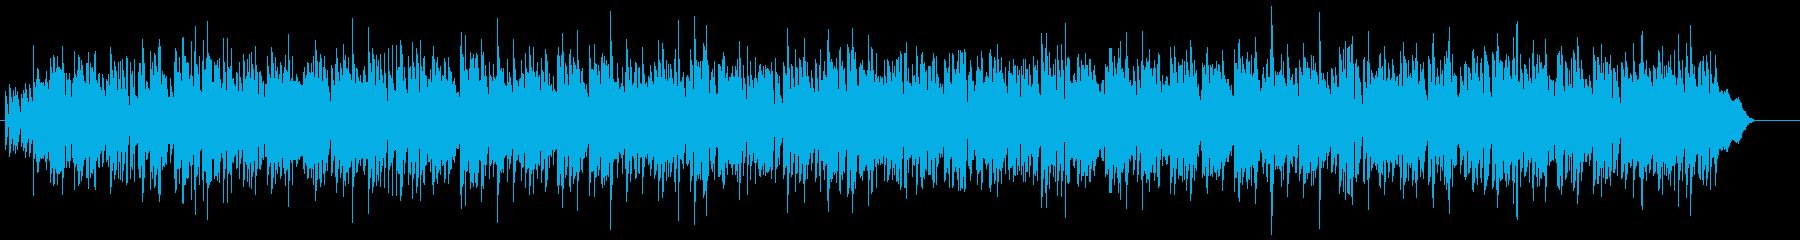 童謡 桃太郎 かわいい キッズレゲエの再生済みの波形